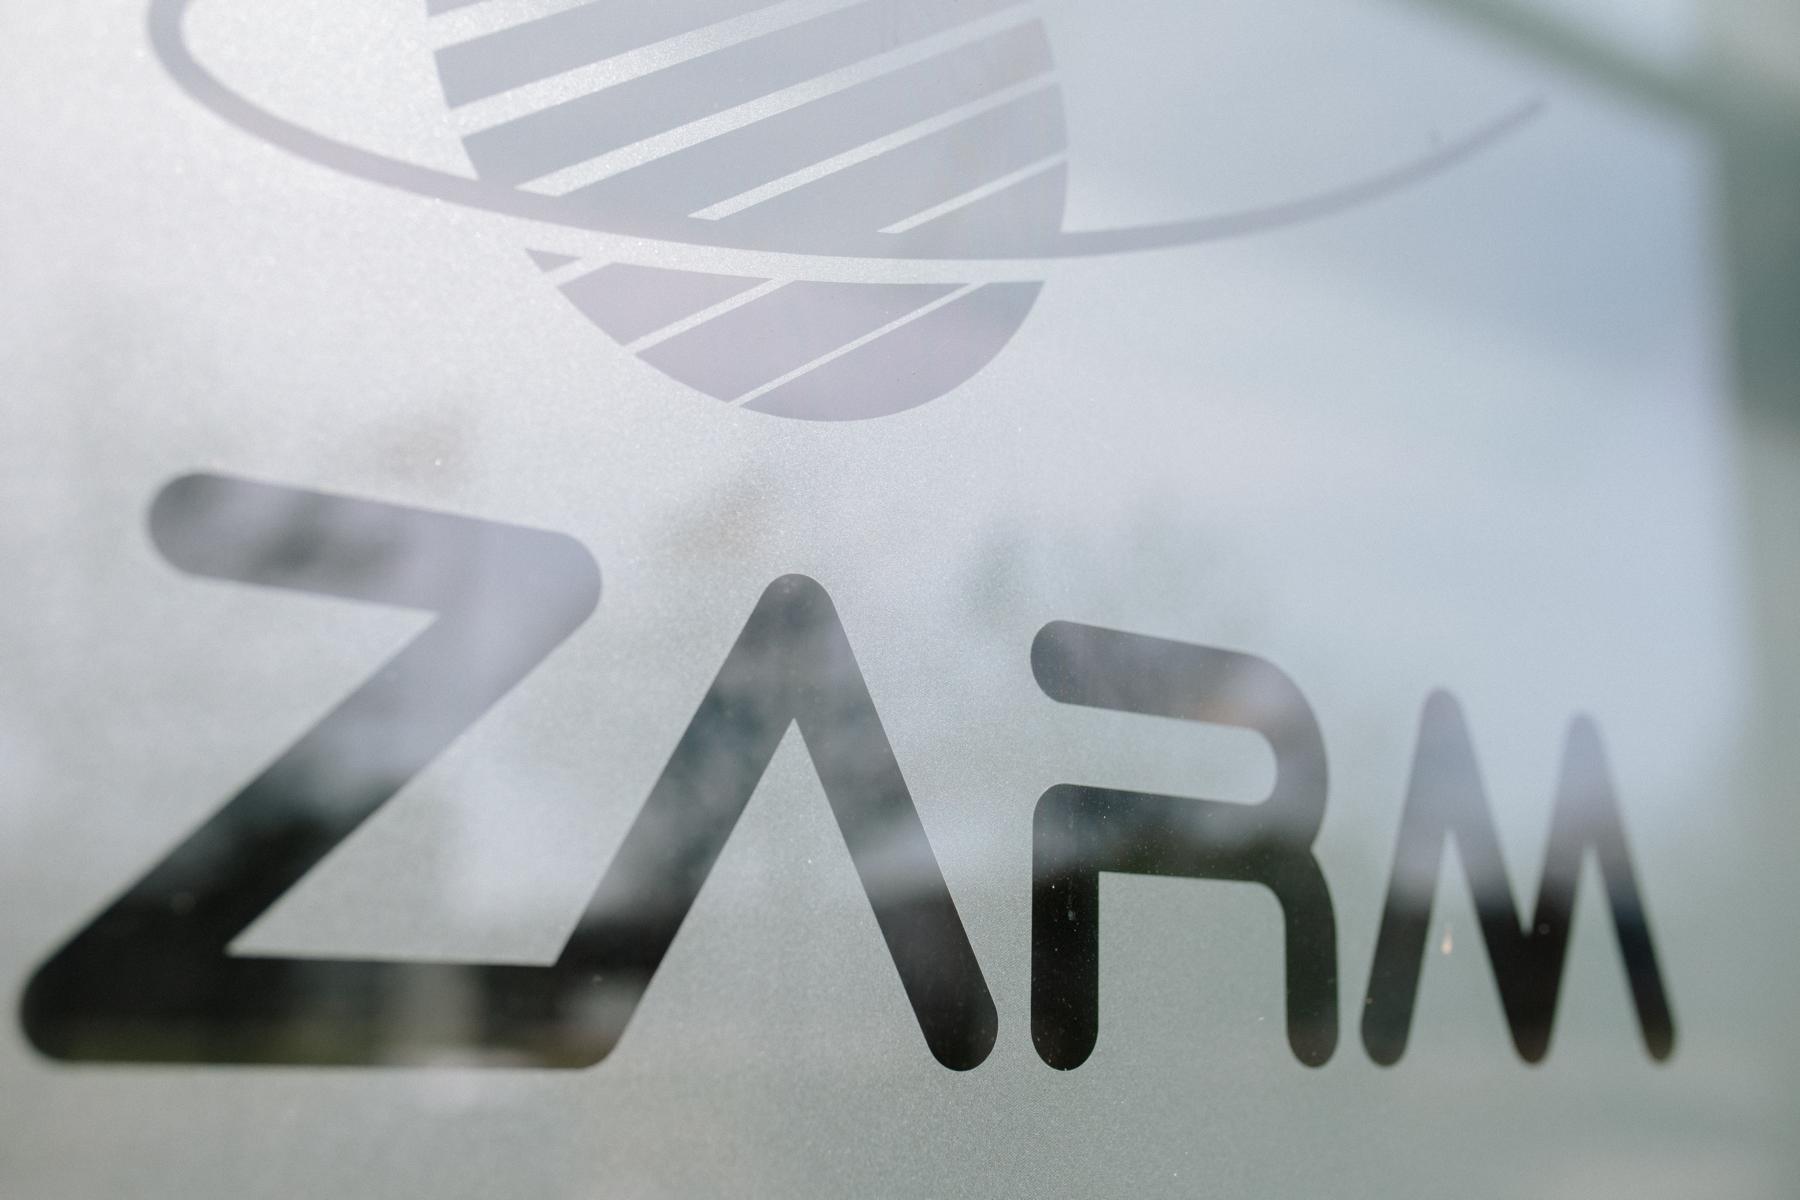 Eingangsschild ZARM Bremen